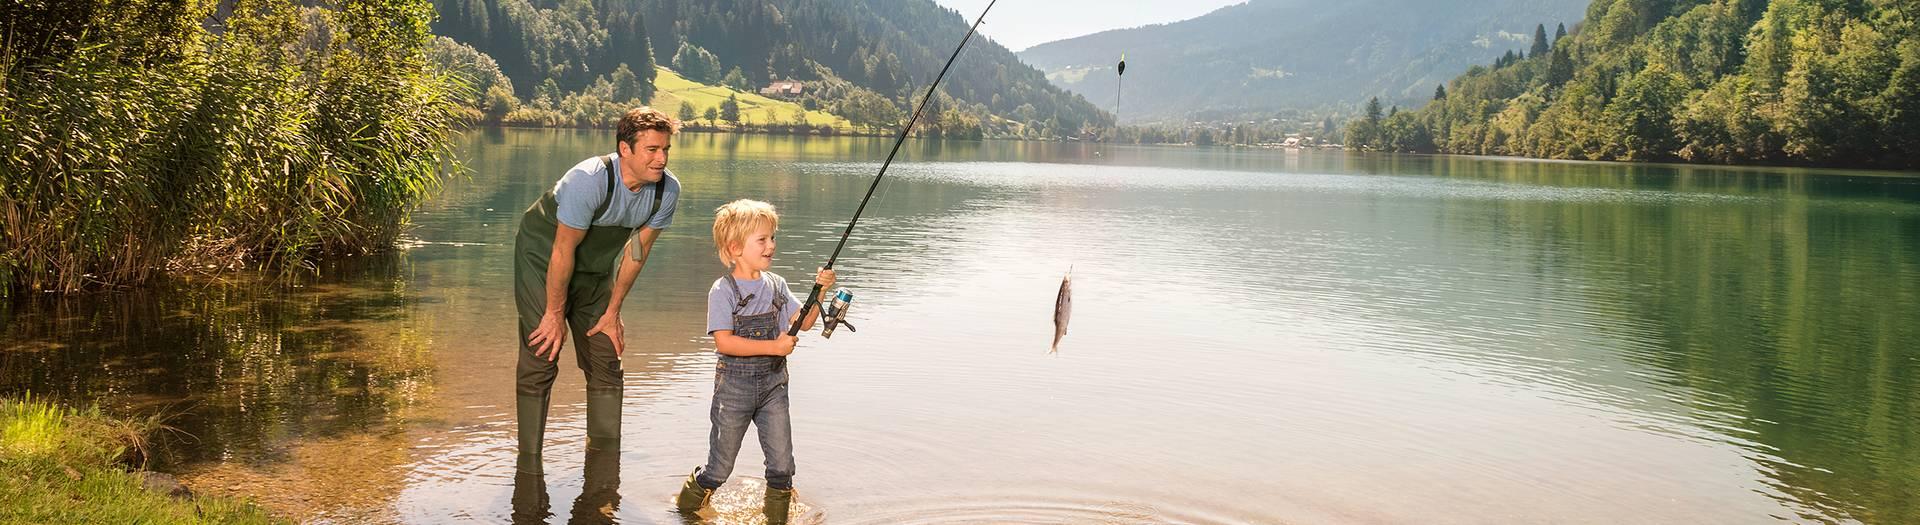 Geschmack der Kindheit Afritzer See c Kaernten Werbung Edward Groeger Slider